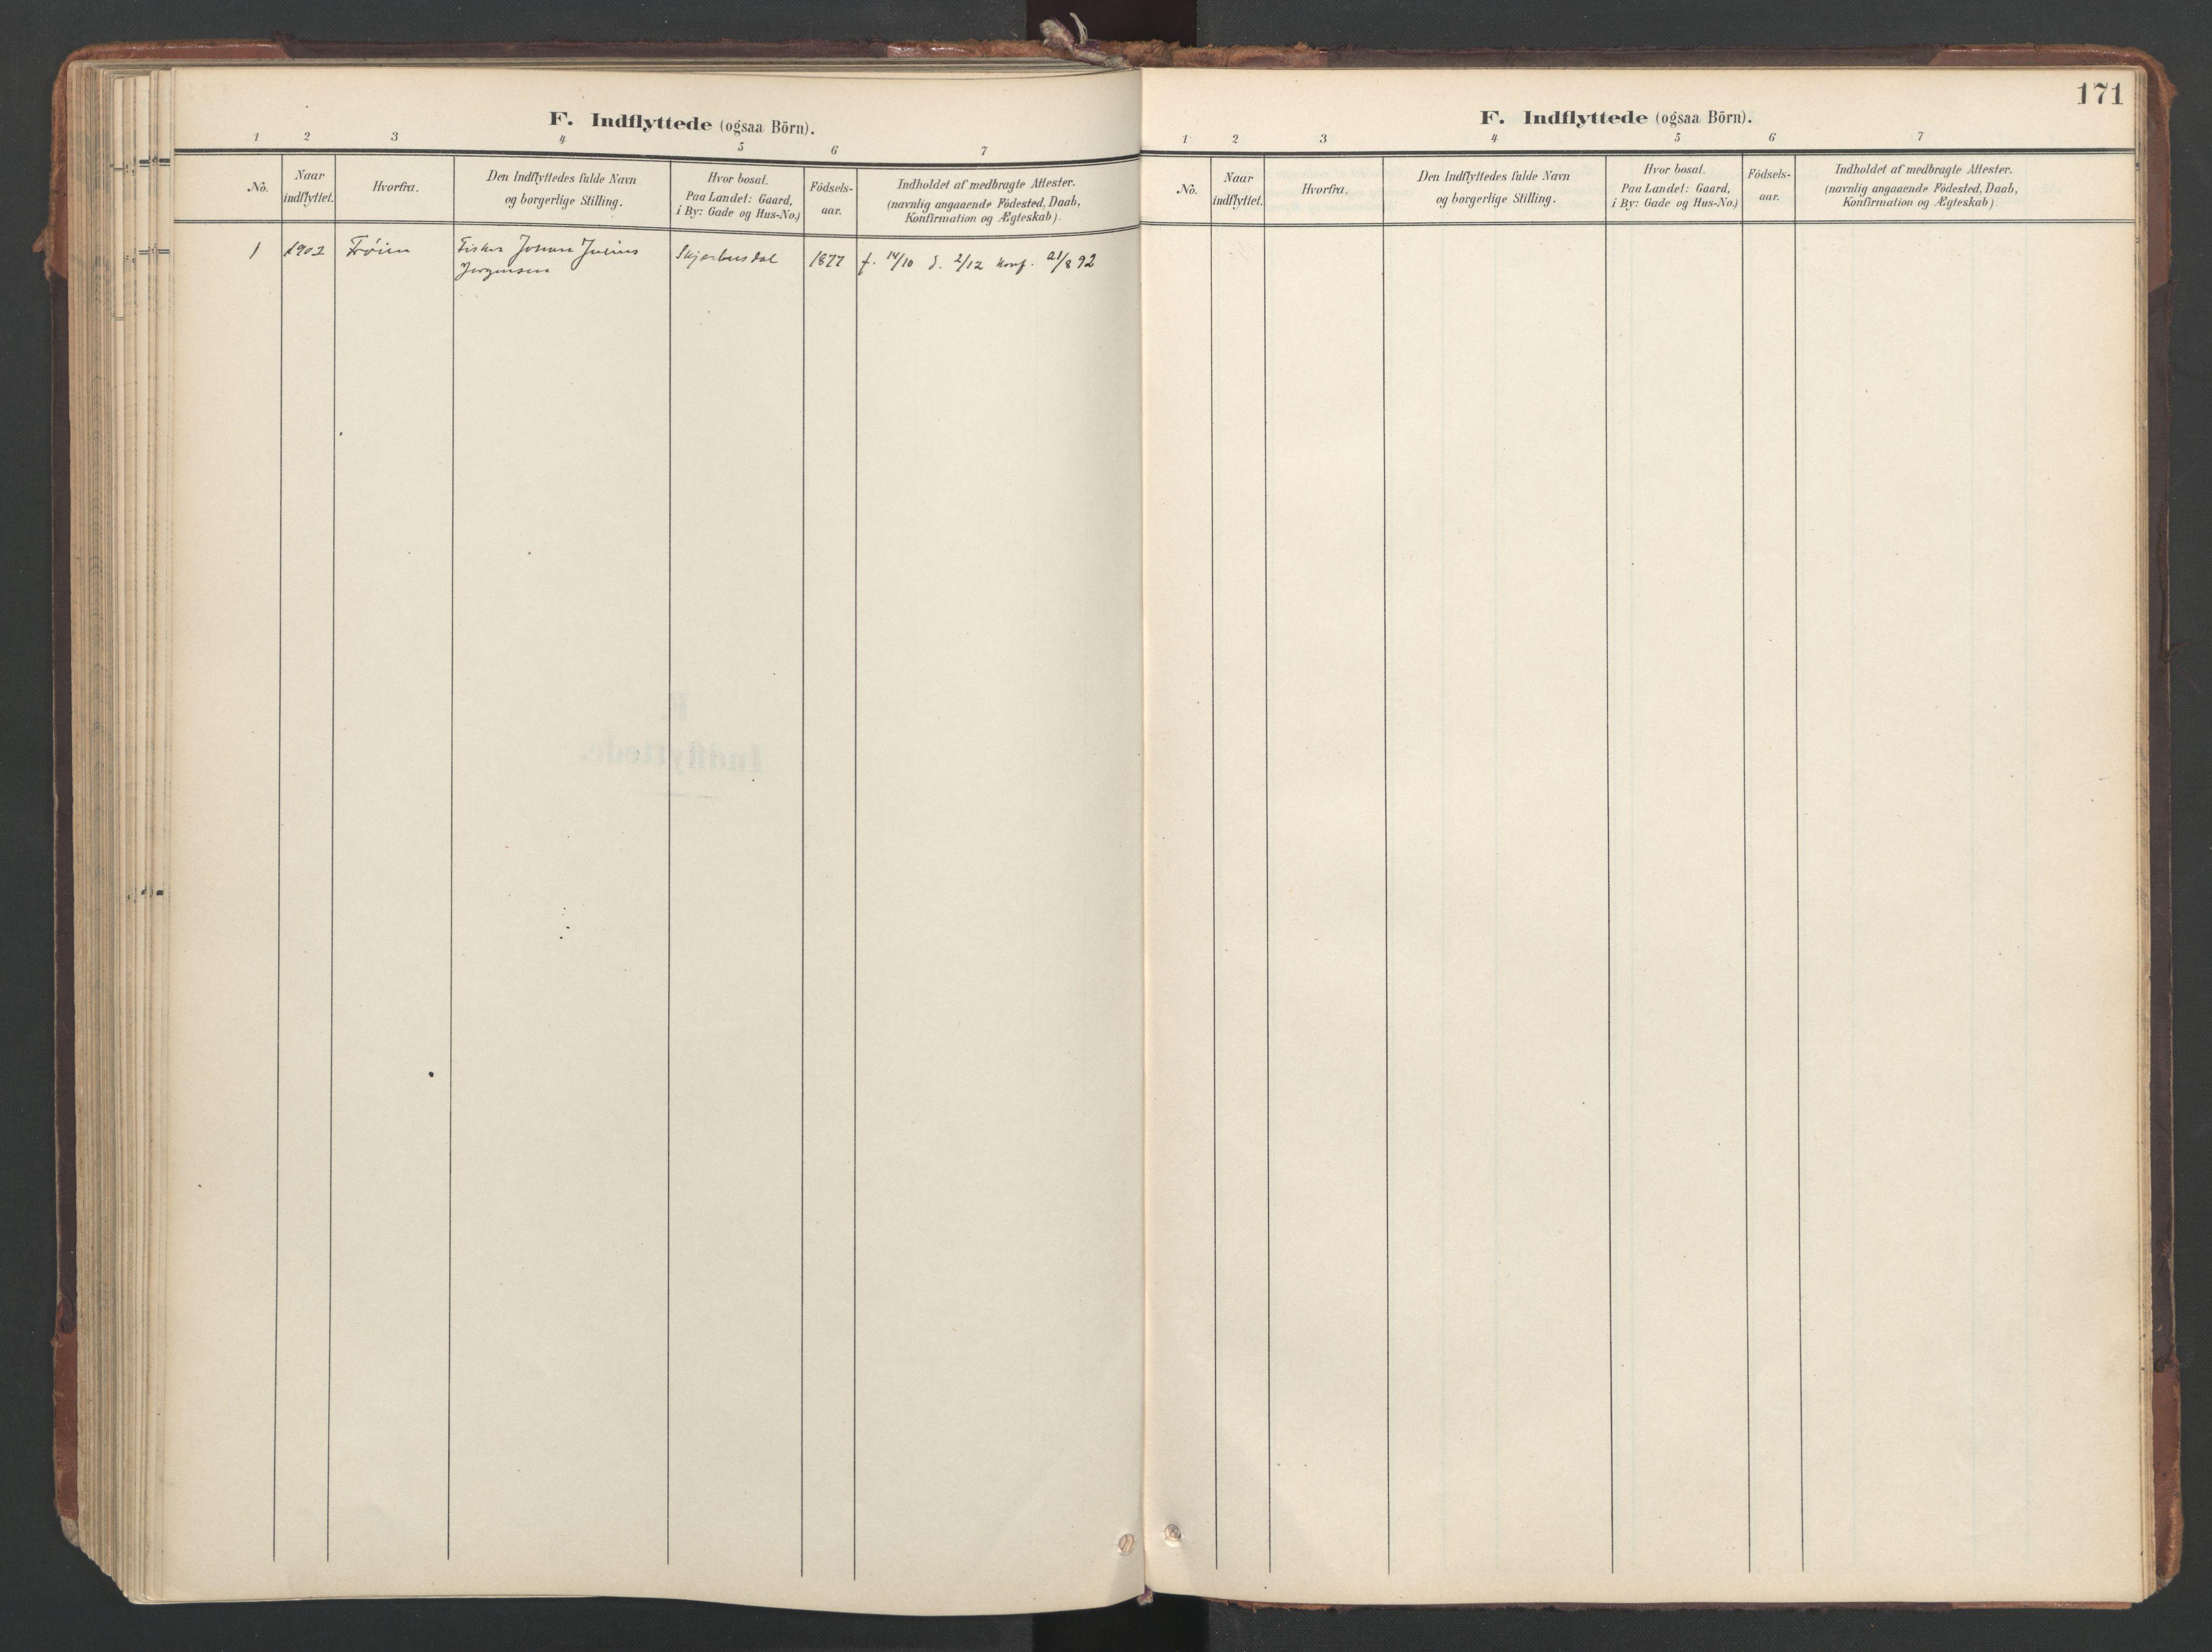 SAT, Ministerialprotokoller, klokkerbøker og fødselsregistre - Sør-Trøndelag, 638/L0568: Ministerialbok nr. 638A01, 1901-1916, s. 171